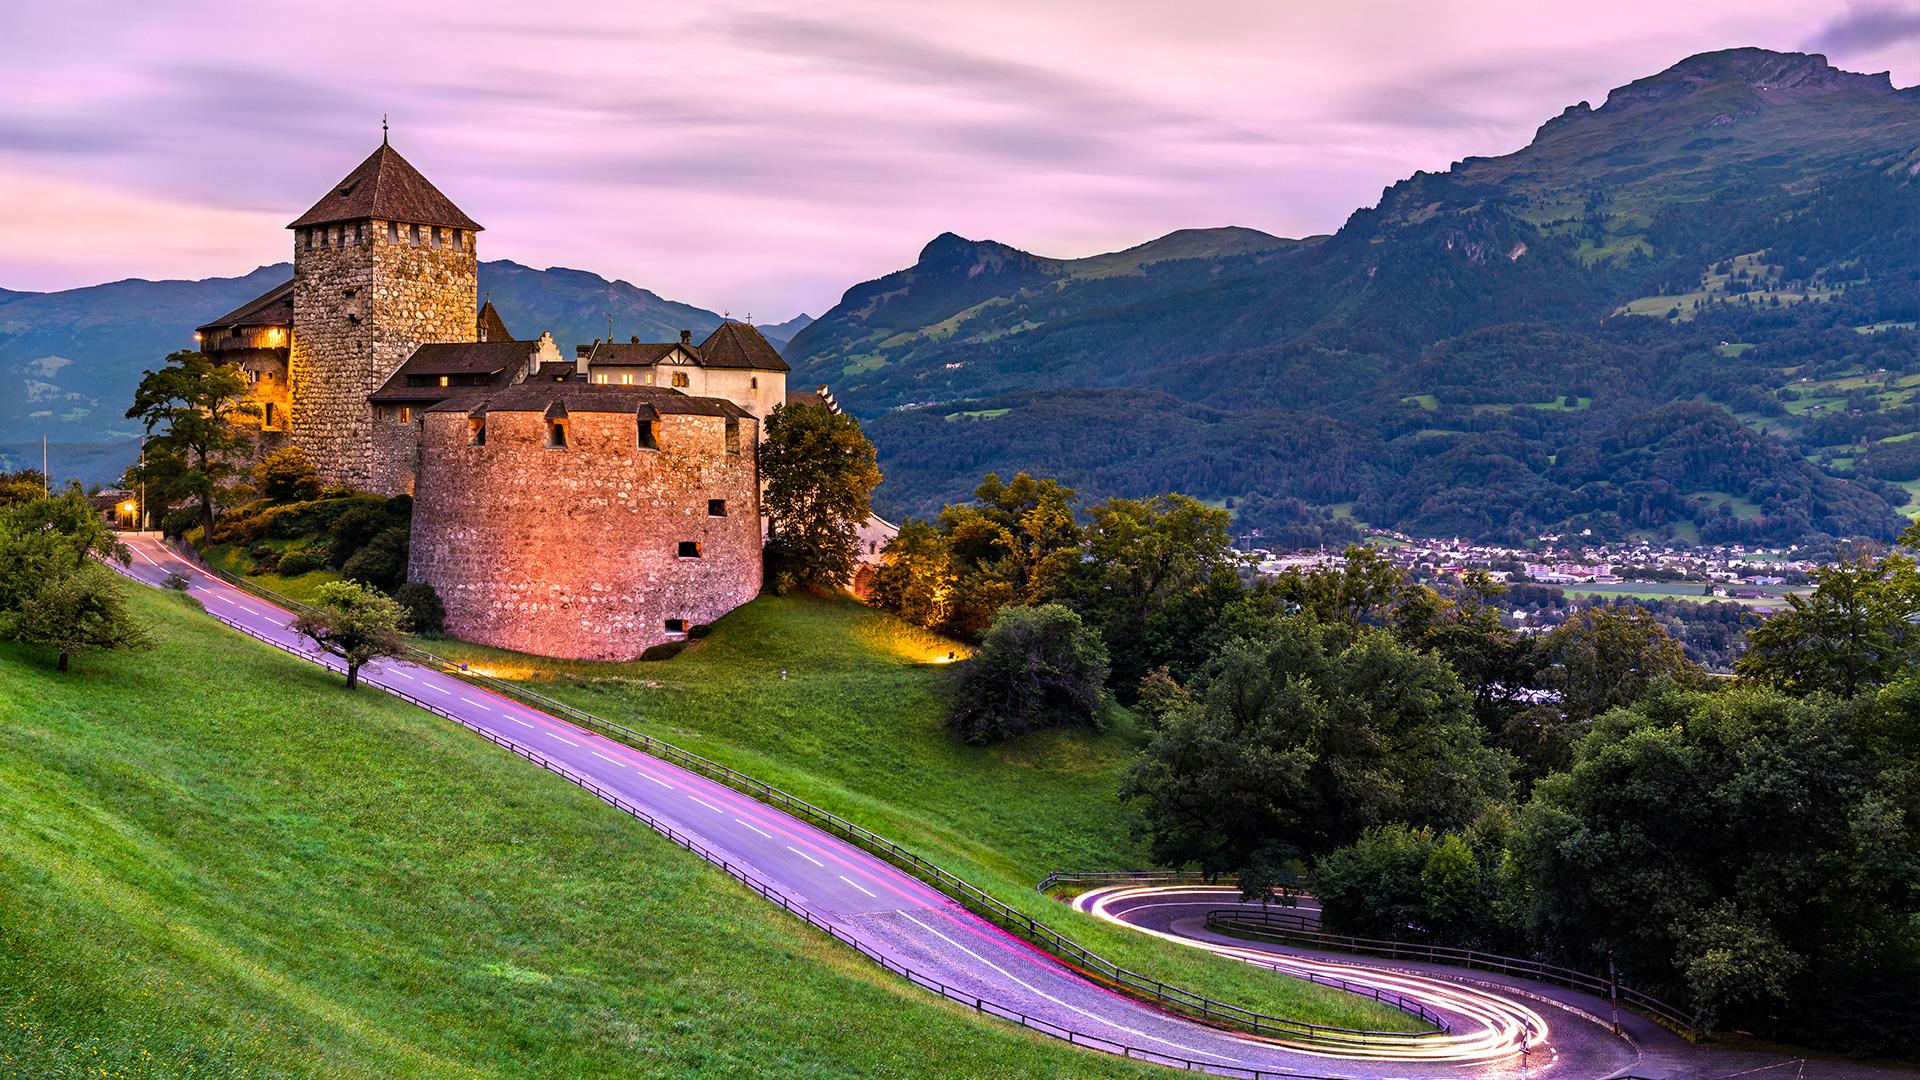 Tourism in Liechtenstein